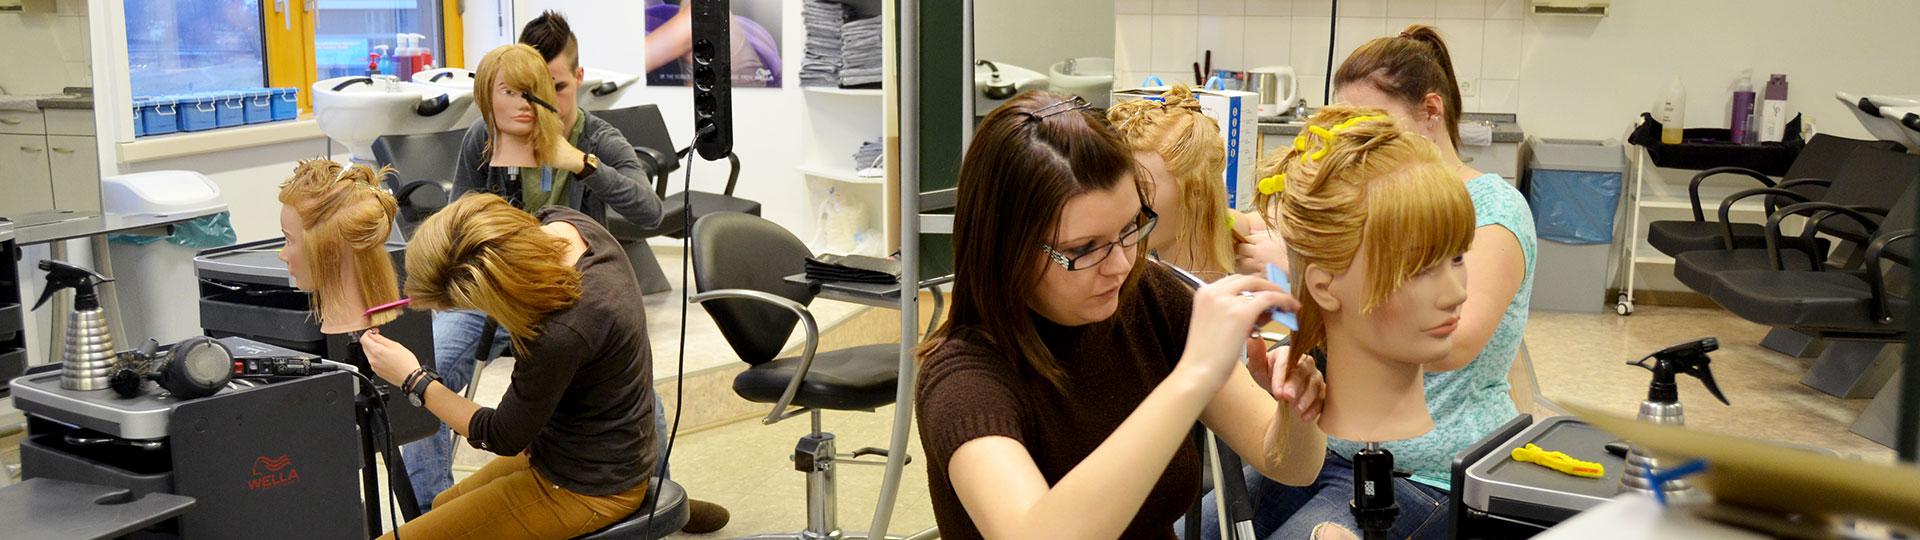 Weiterbildung Friseur und Kosmetik im bbz Arnsberg